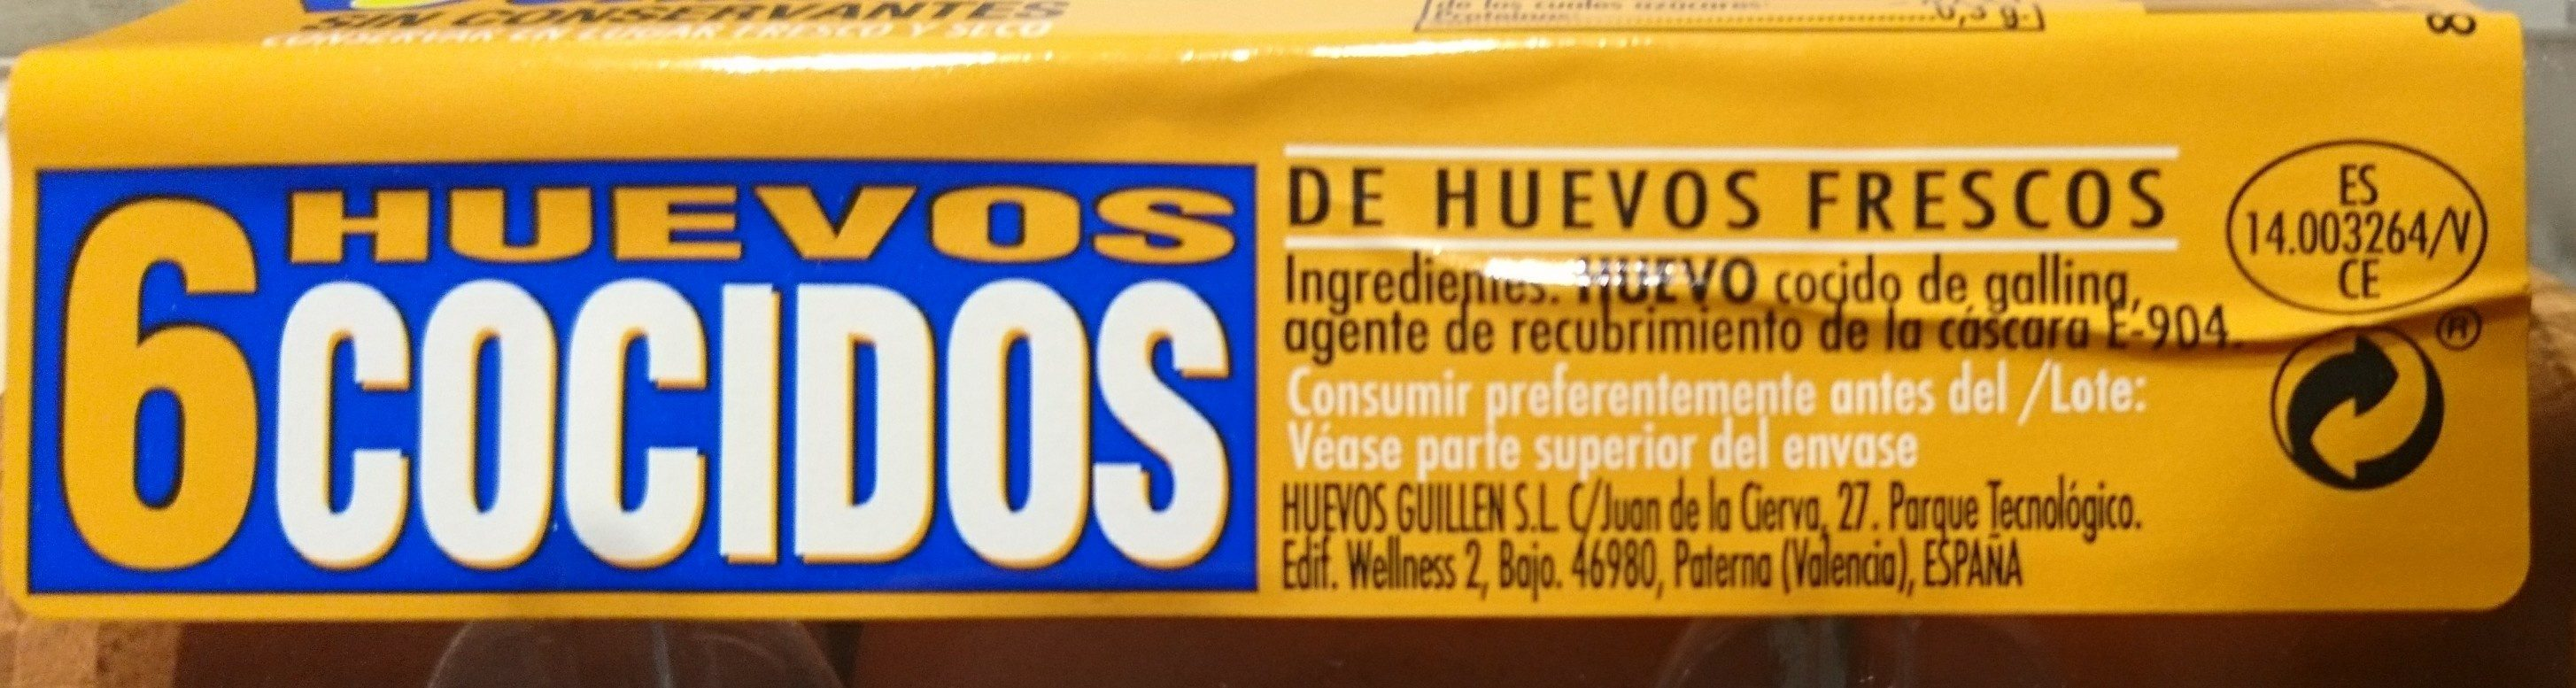 Huevos cocidos - Ingrédients - es